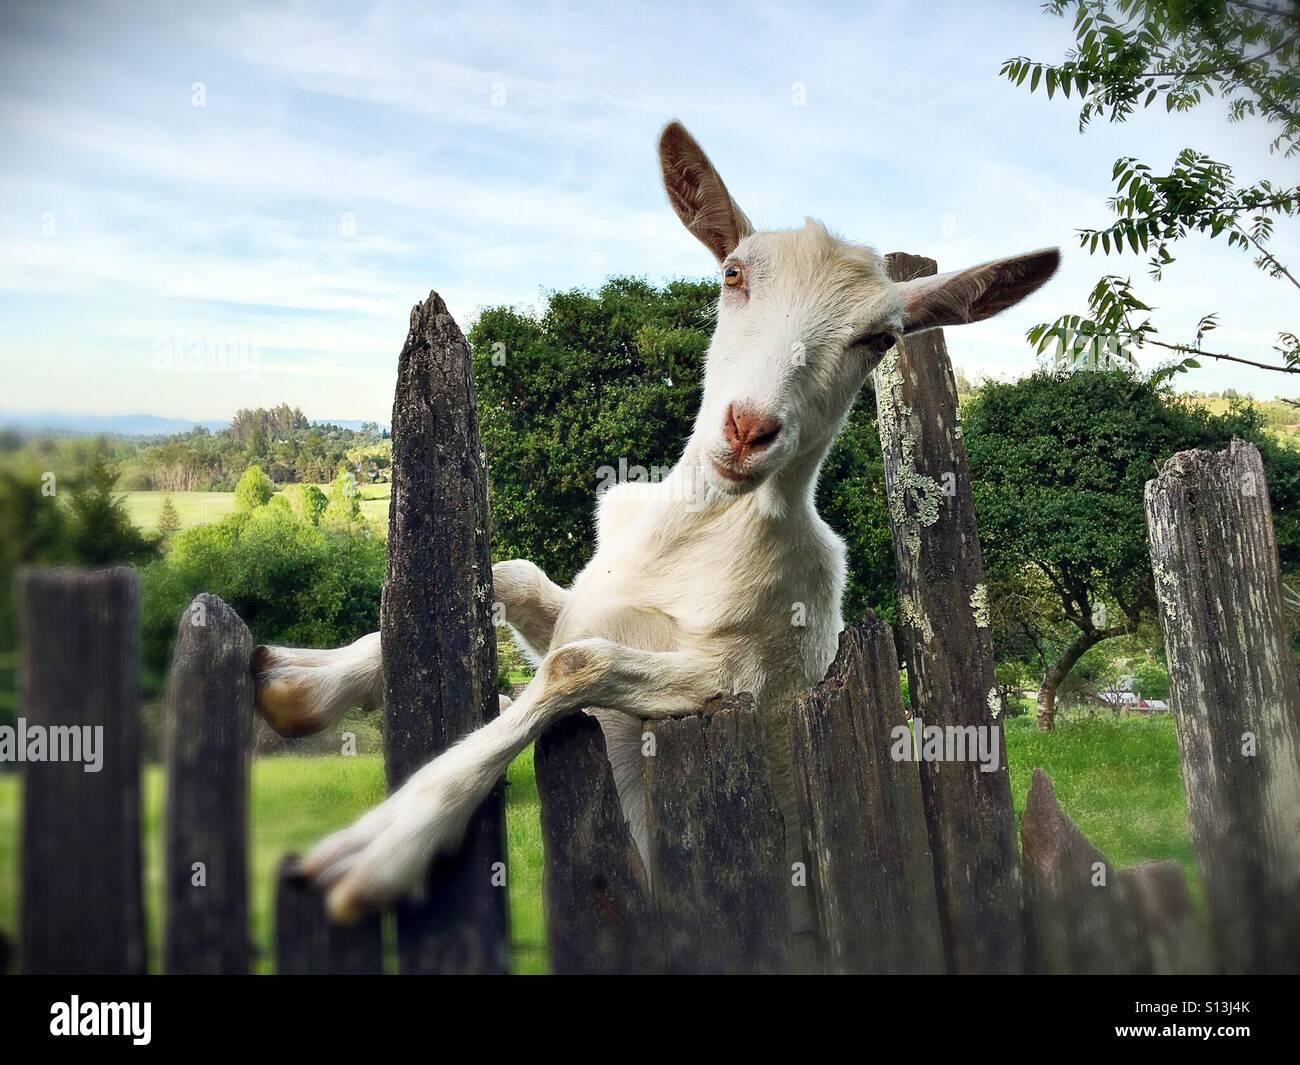 Eine Lustige Weisse Ziege An Einen Zaun Gelehnt Stockfoto Bild